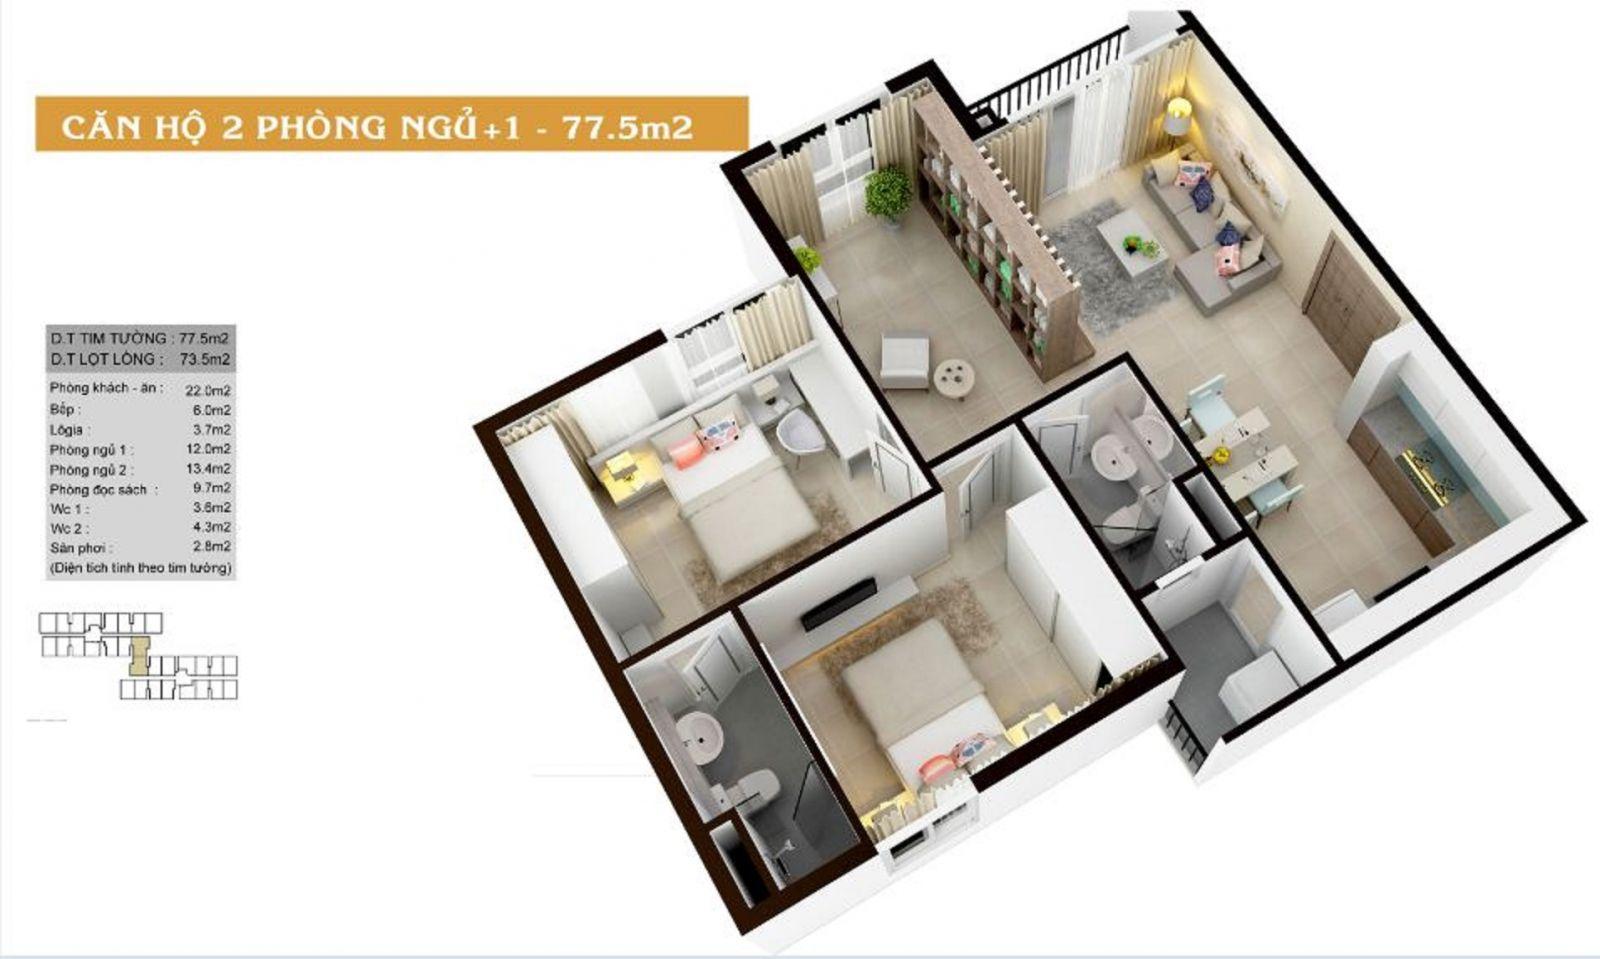 Thiết kế căn hộ 2PN diện tích 77.5m2